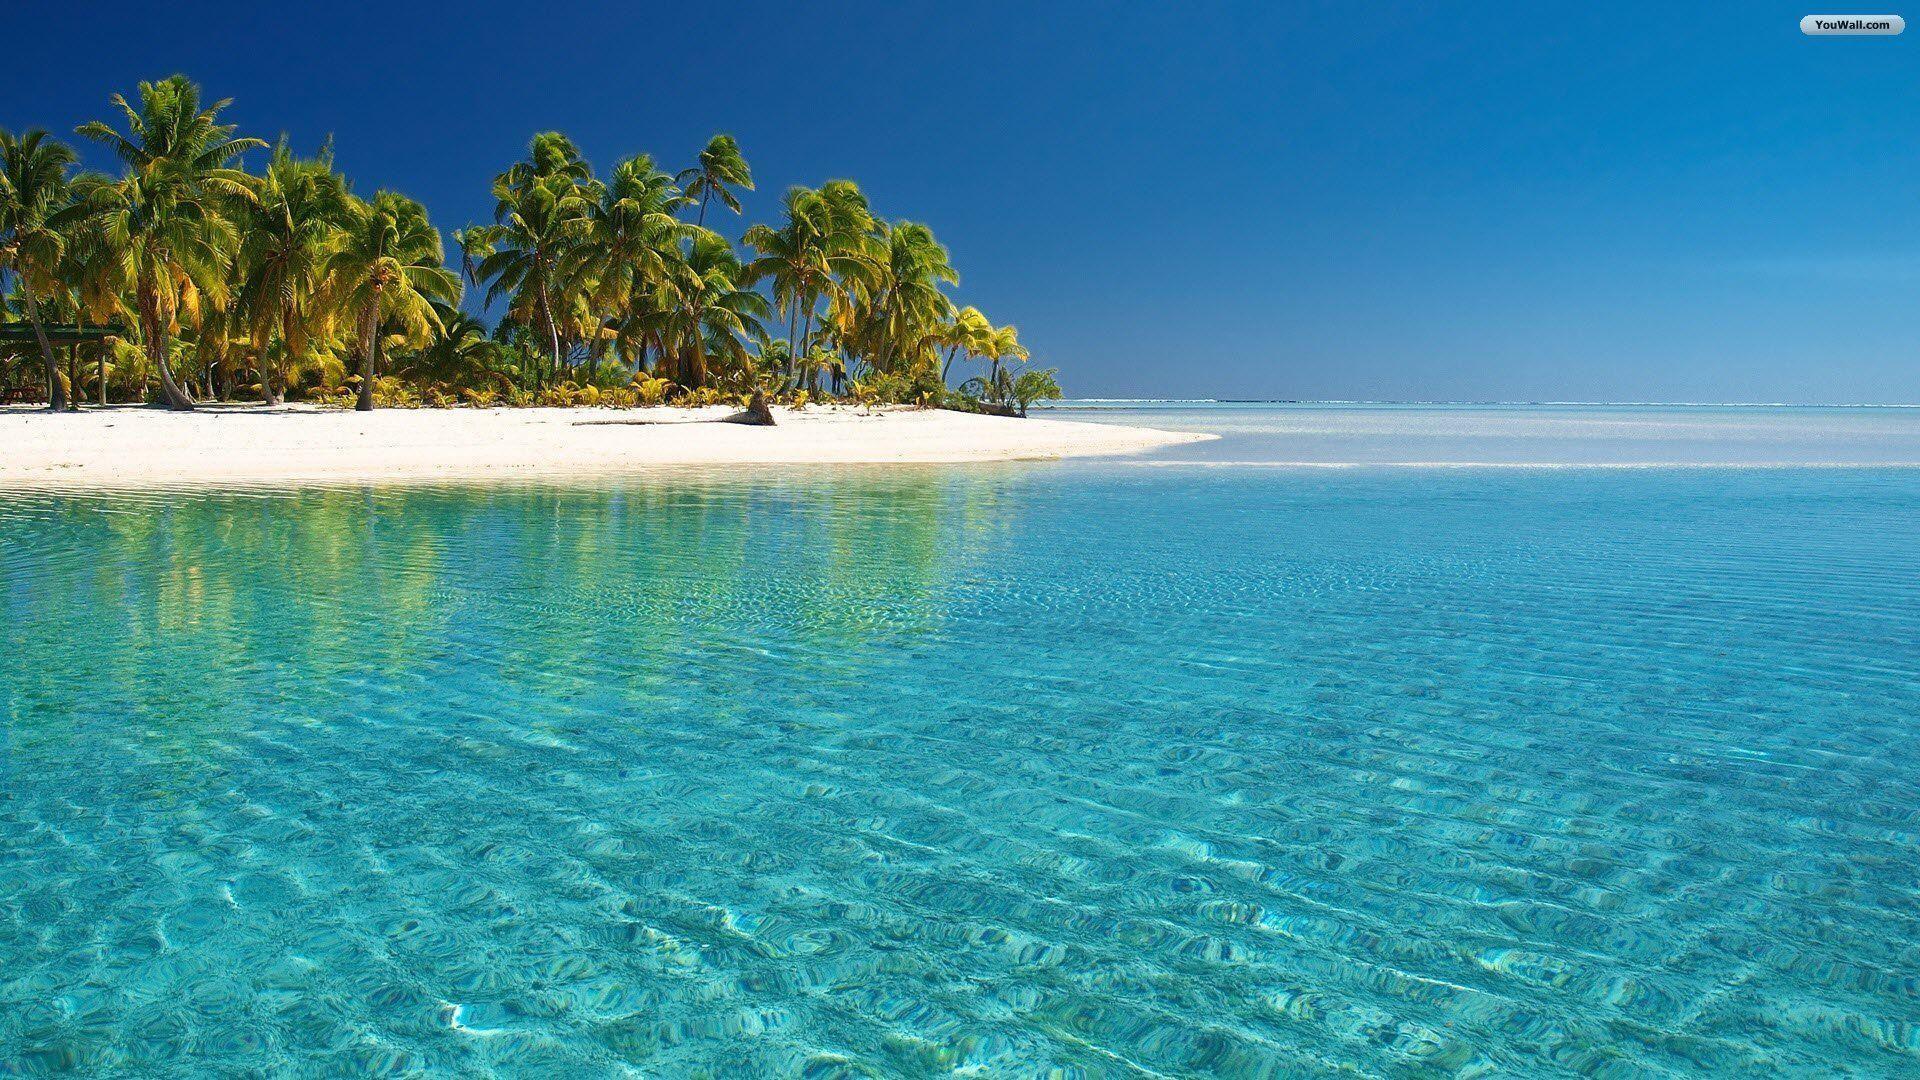 tropical beach desktop wallpaper ·①